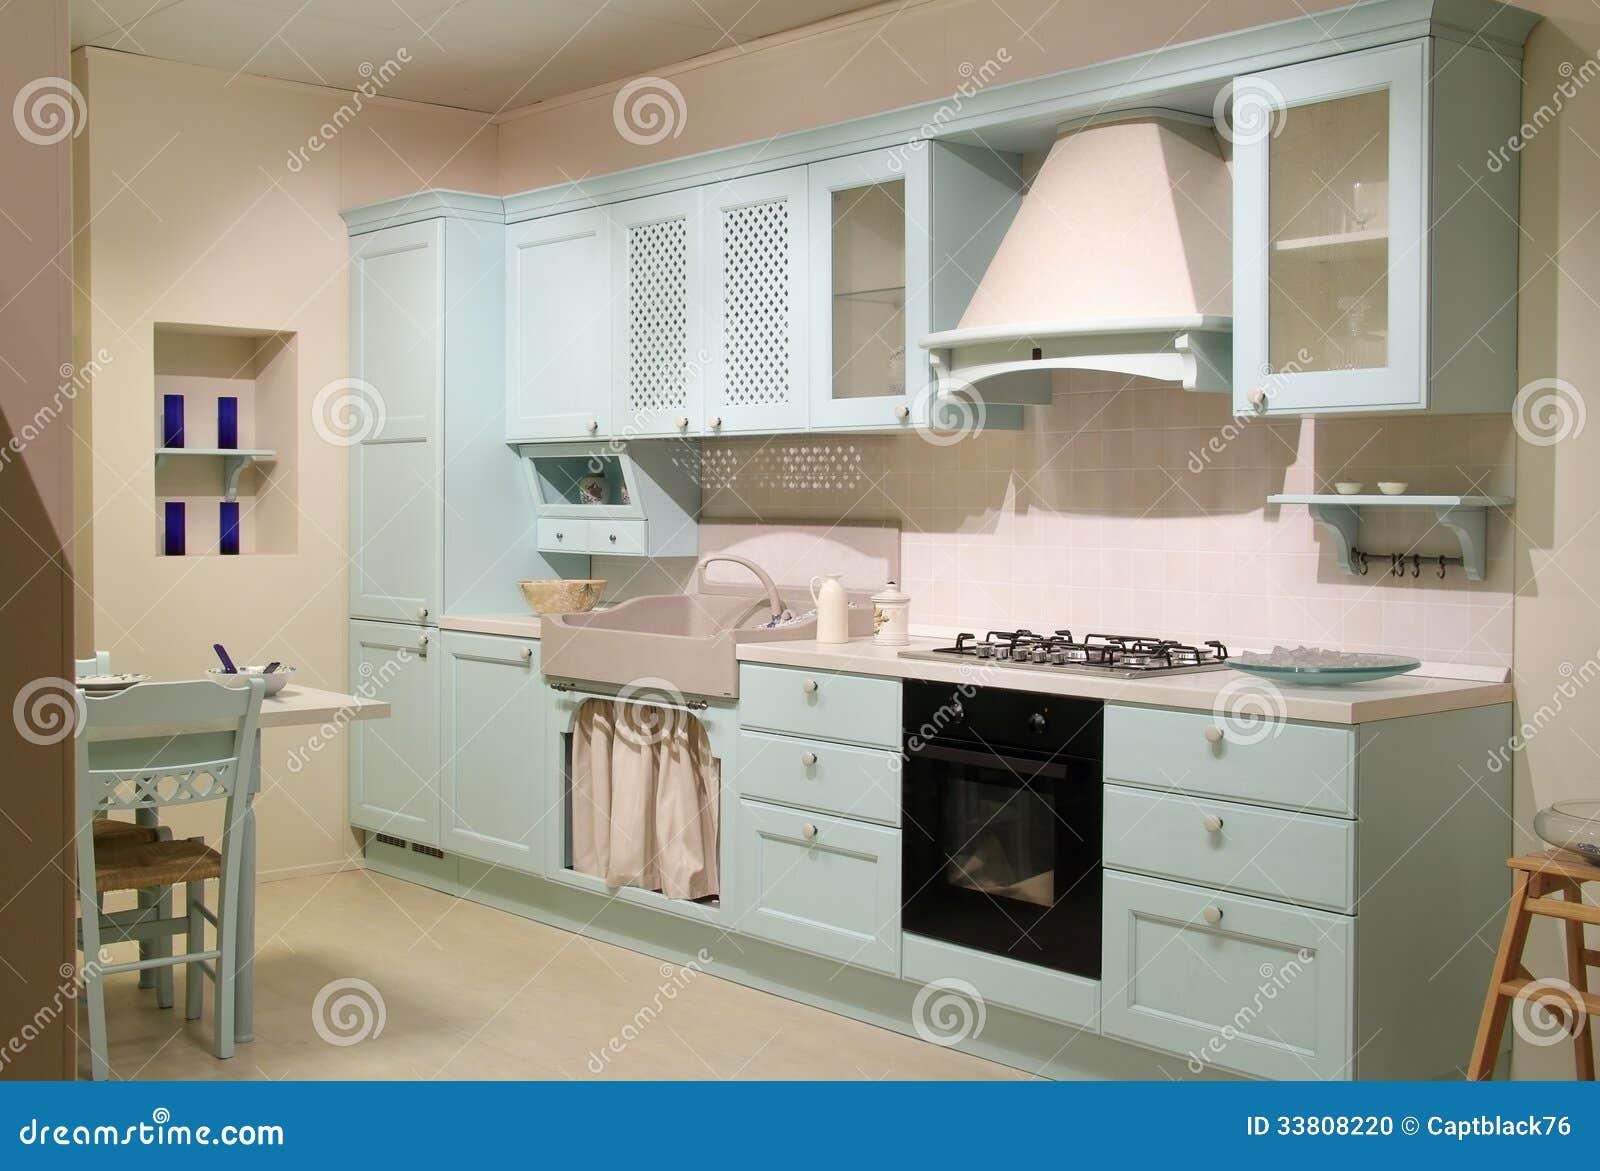 Cyan-blaue Küche Des Landhausstils Stockfoto - Bild: 33808220